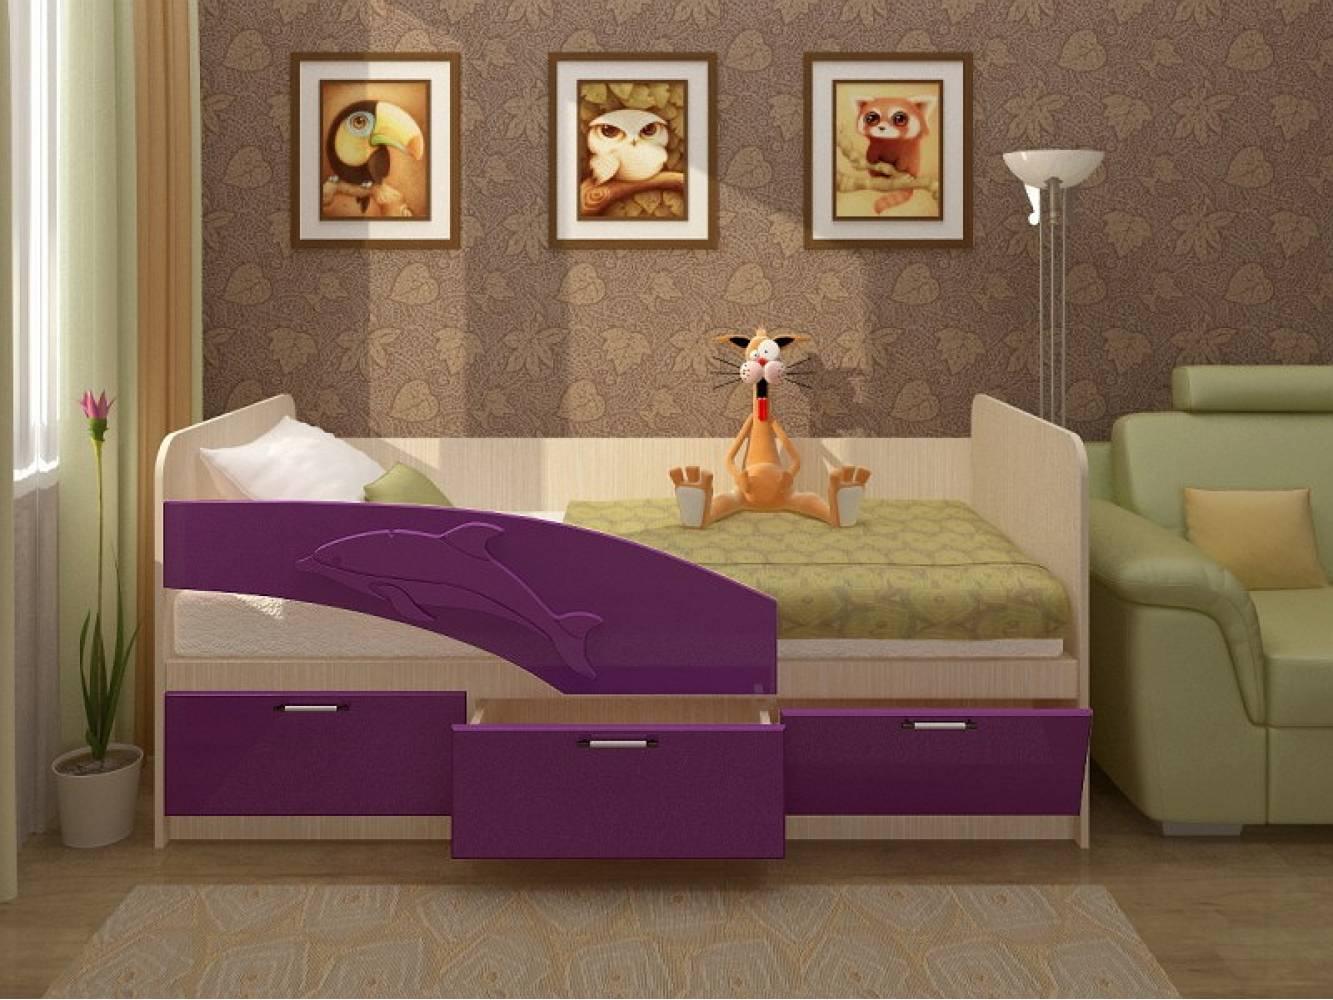 Кровать 800 ПВХ 1,8м ДЕЛЬФИН (фиолет глян) Миф